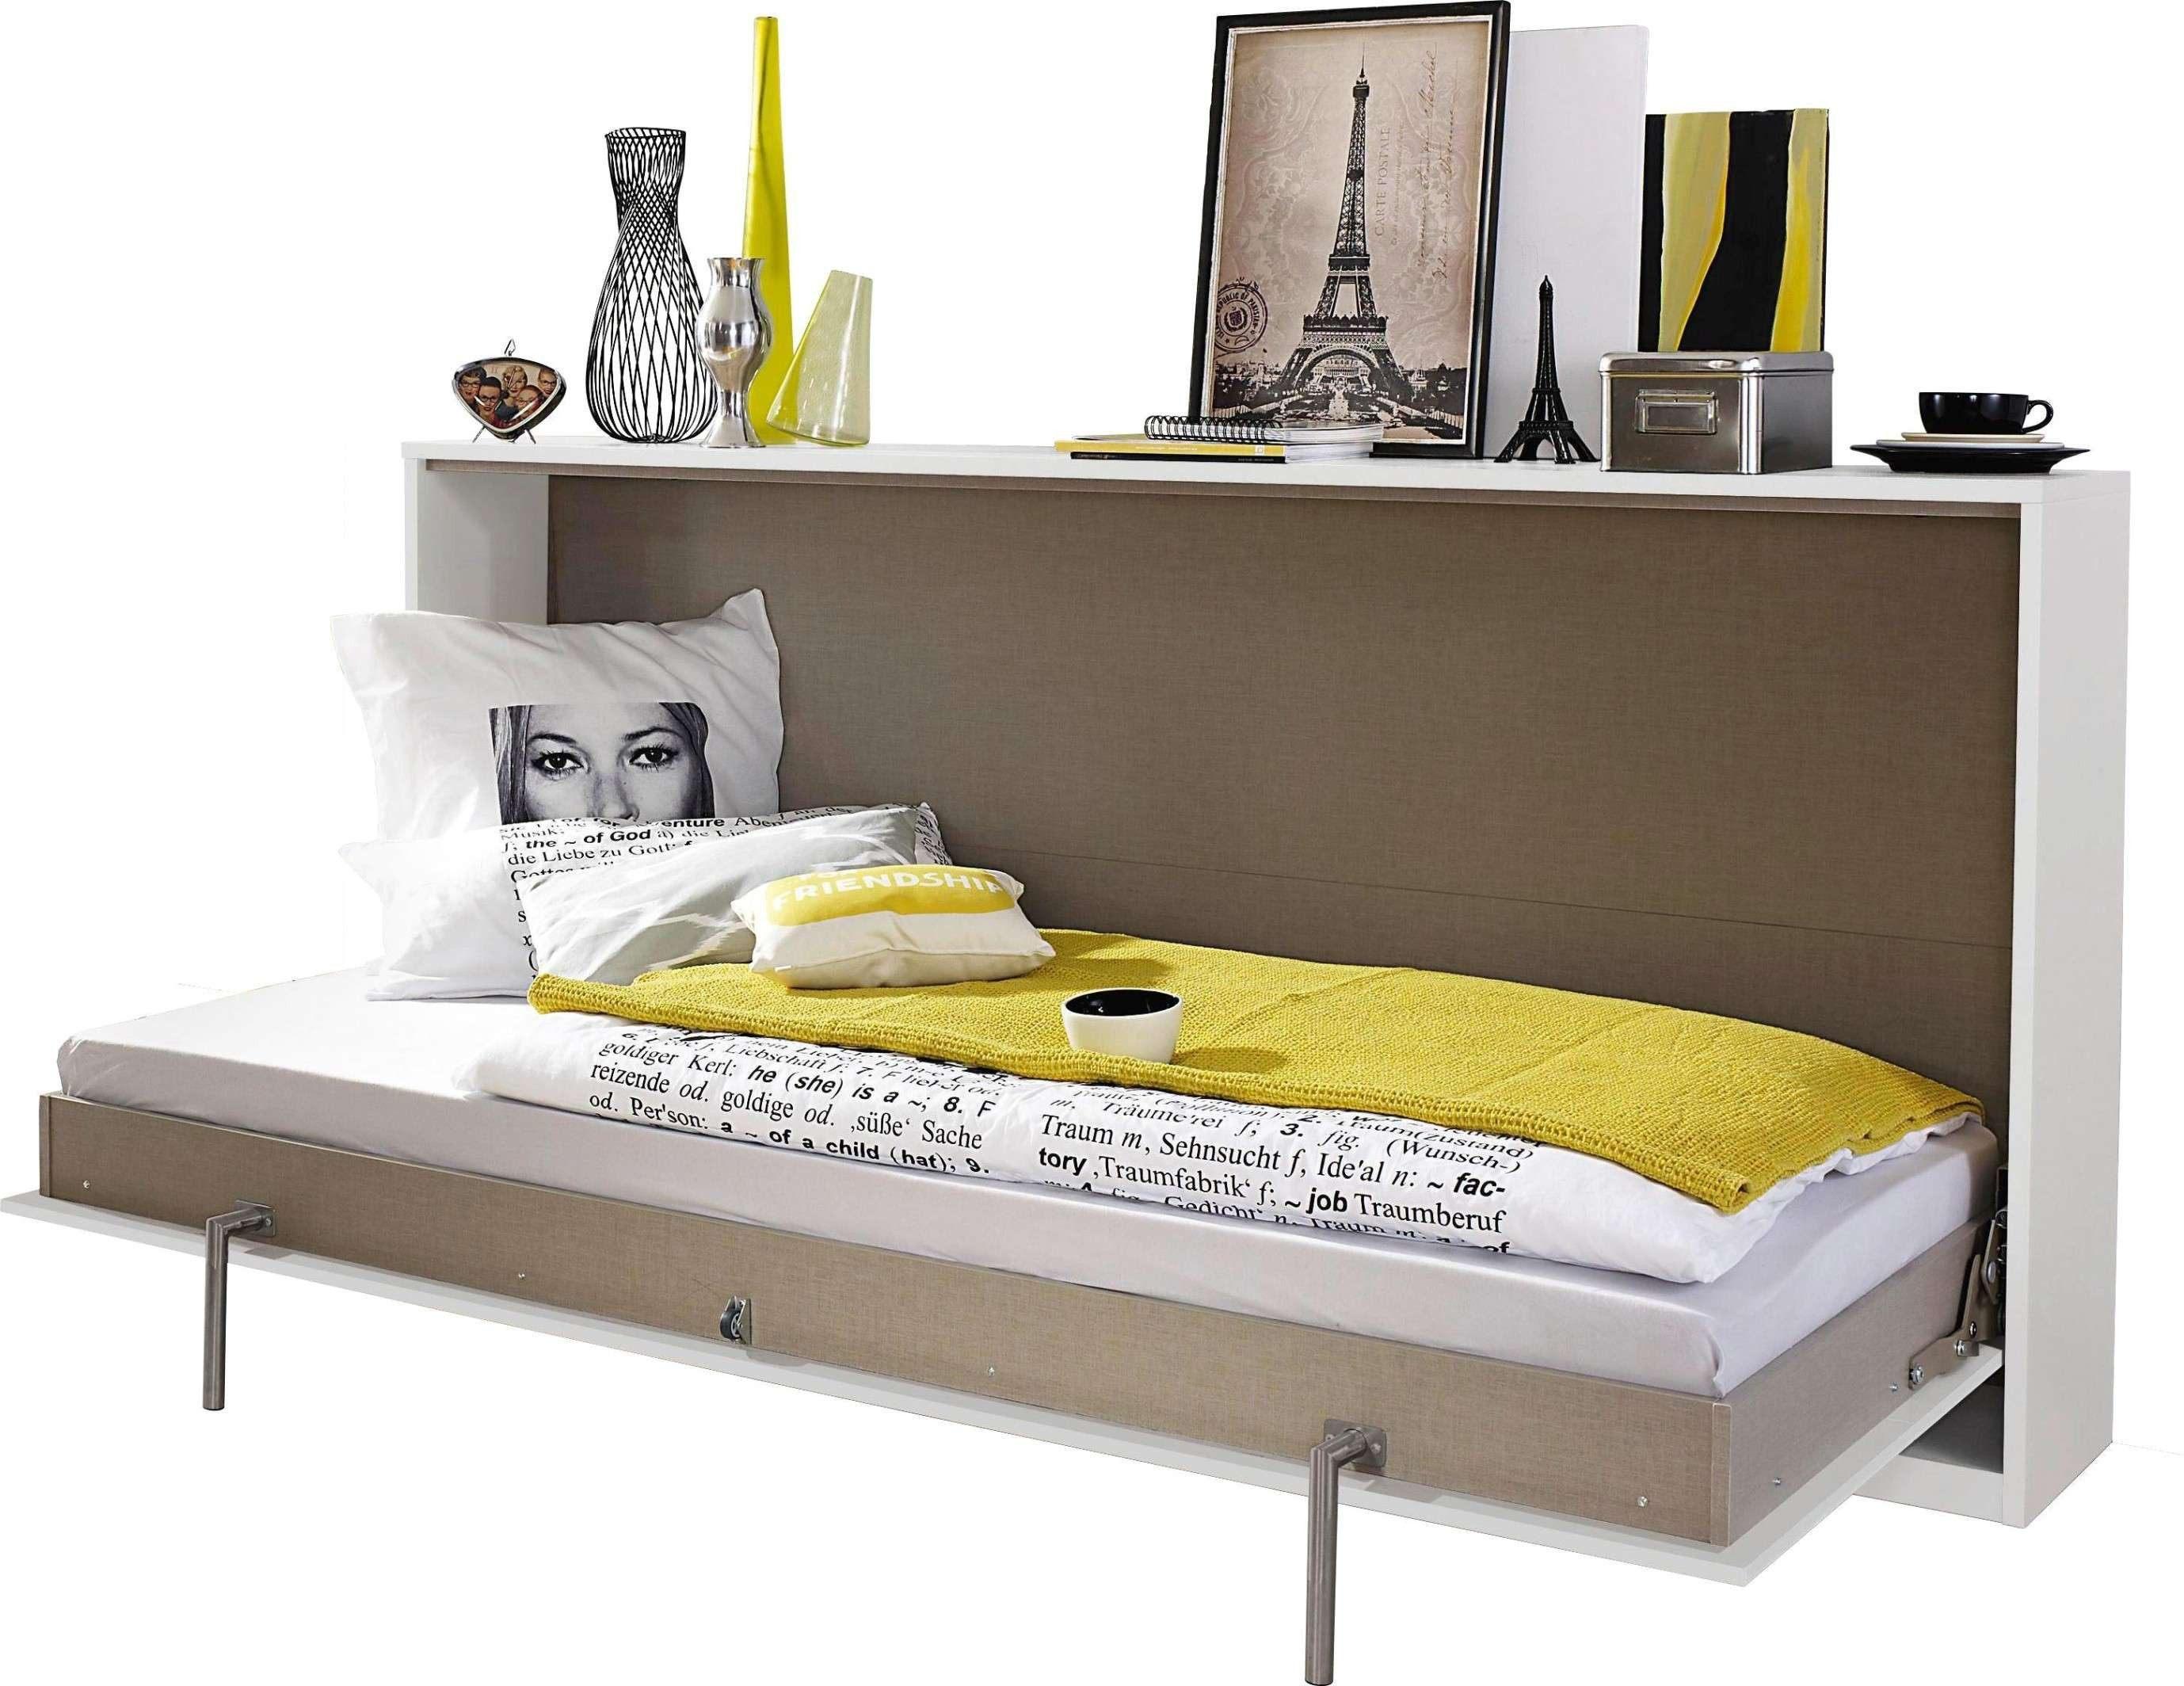 Lit Gigogne Transformable En Lit 2 Places Élégant Extraordinaire Ikea Lit Canape Ou Lit Gigogne 2 Places Ikea Matelas